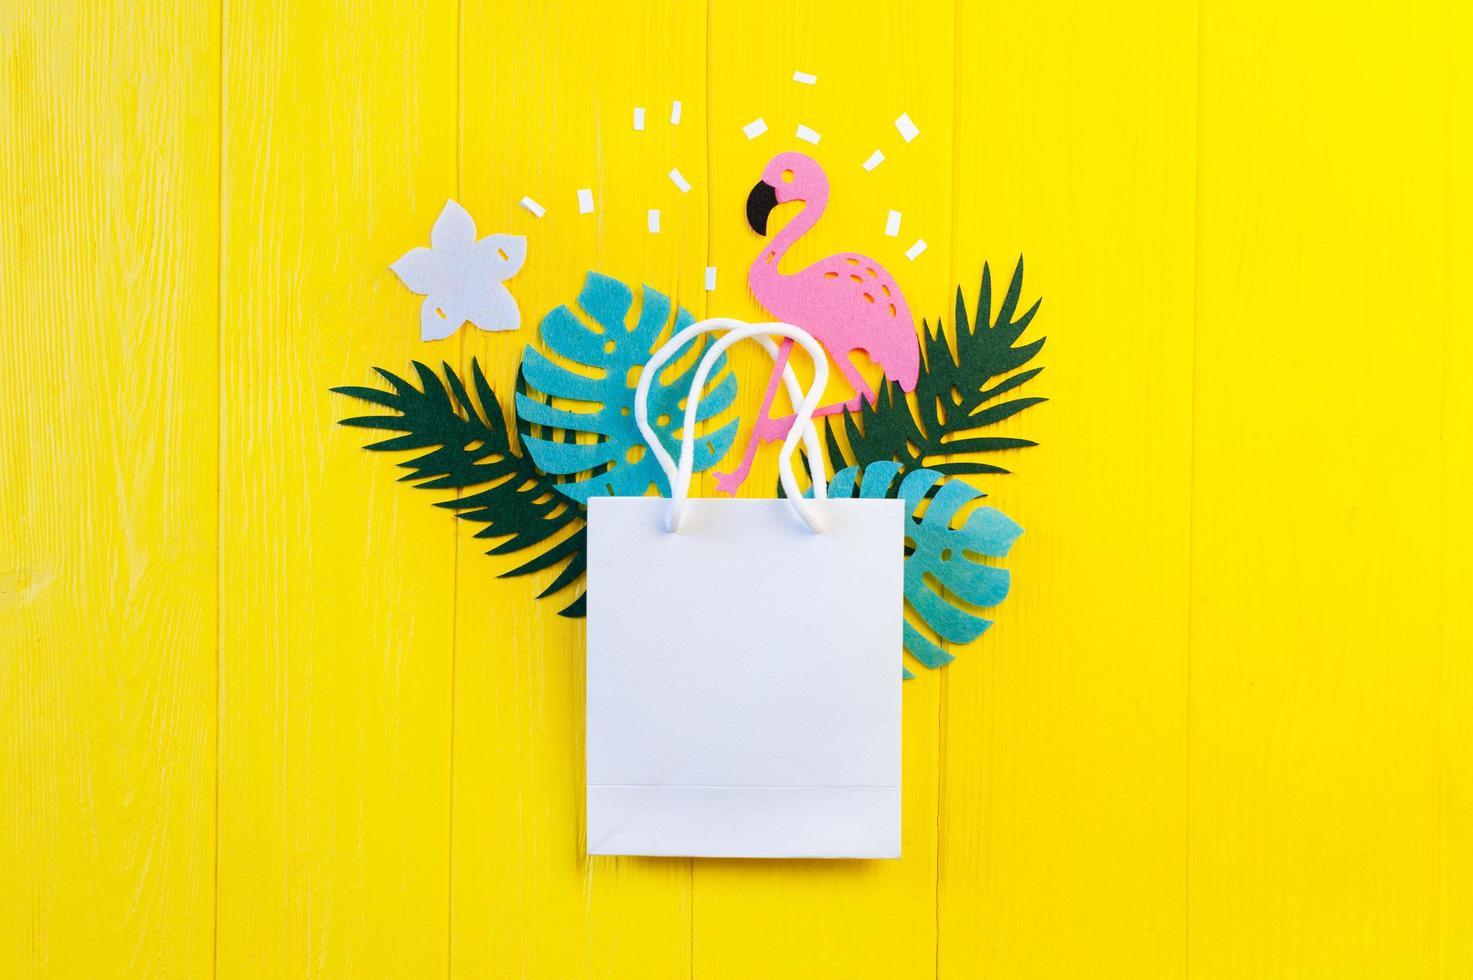 modell av blankt papper med blad och flamingo på gul träbakgrund foto